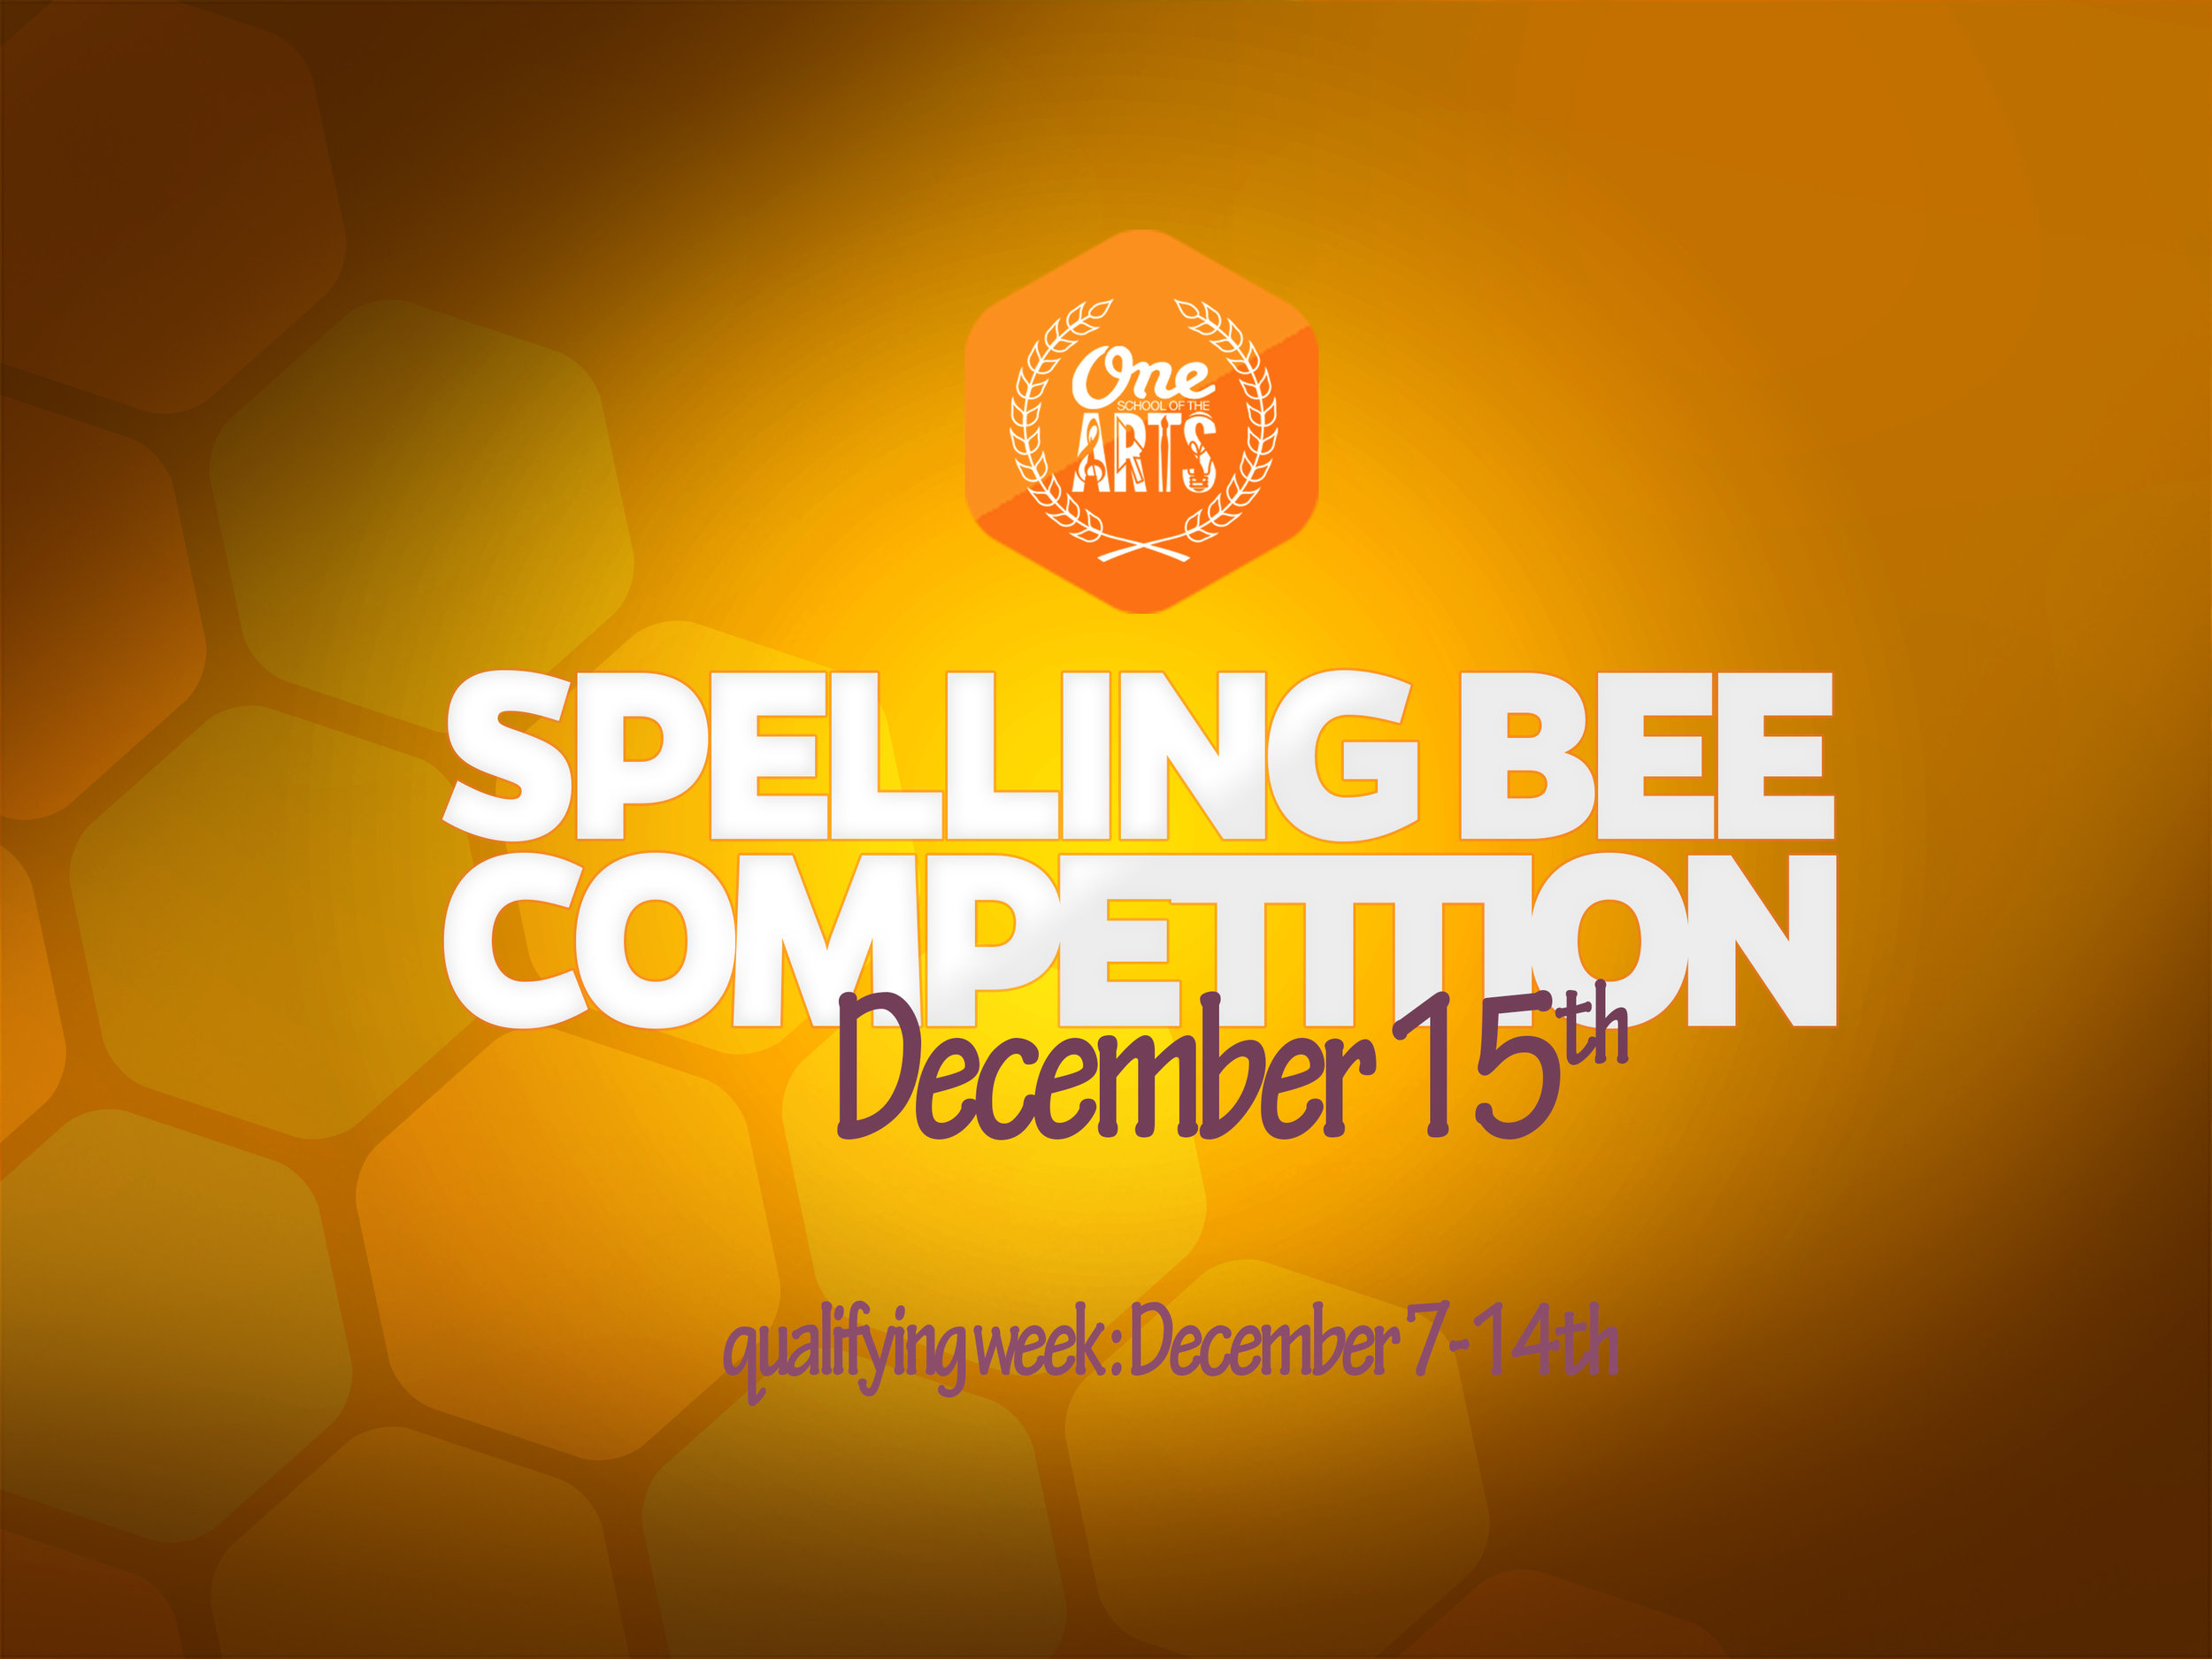 spellingbee2016.jpg